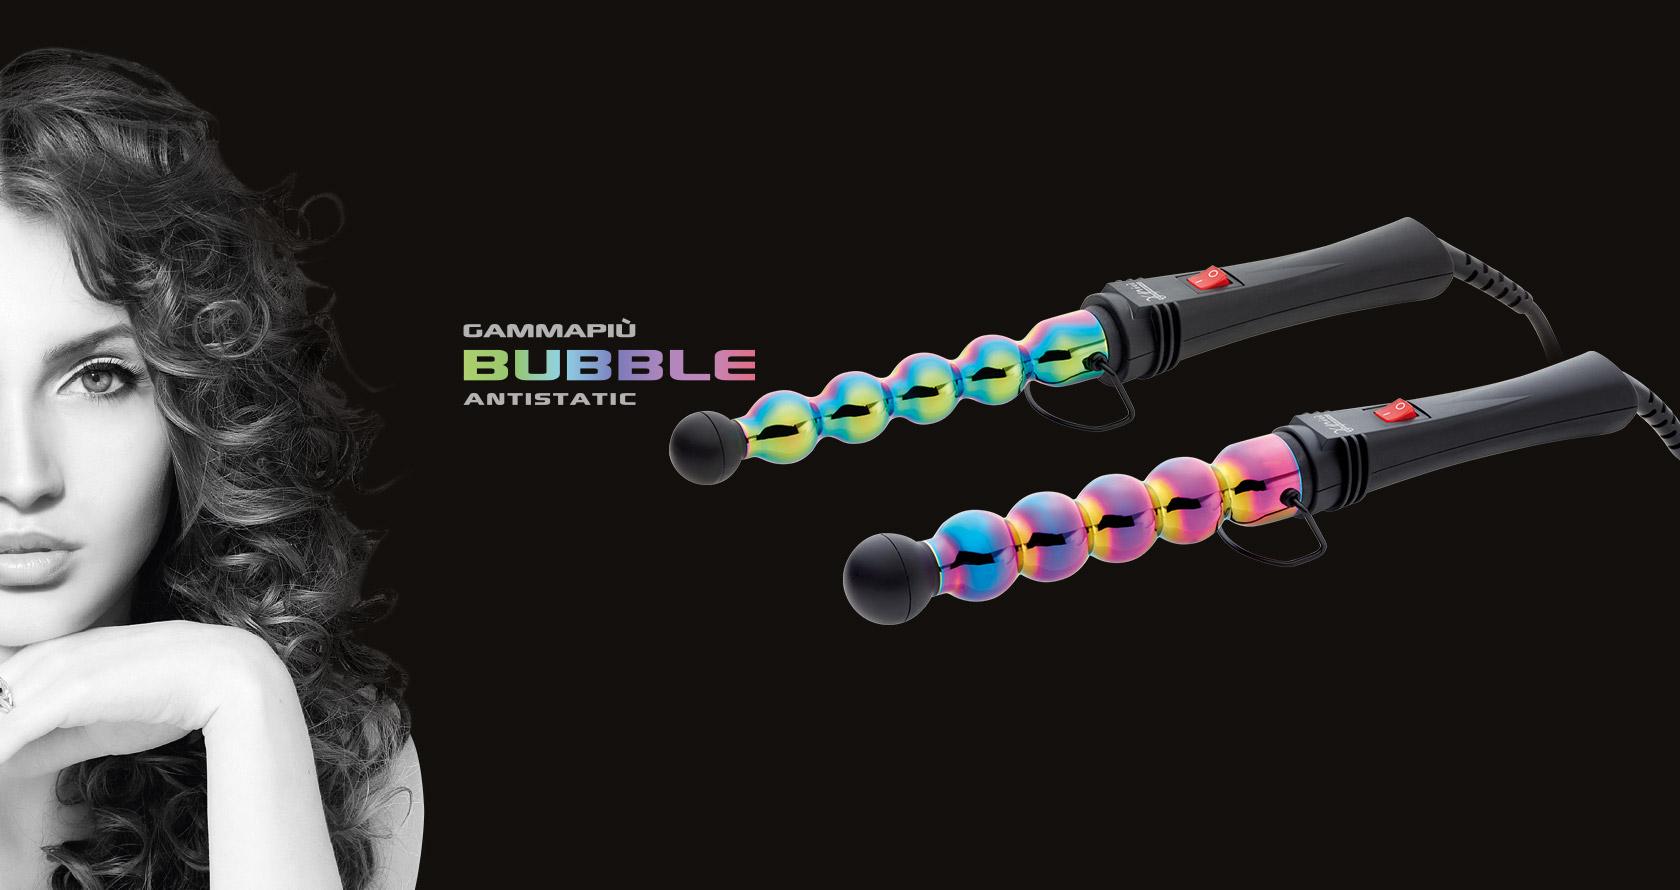 Ferro professionale multicolor Gamma Più Iron Bubble Raibow per ricci e boccoli, due formati disponibili